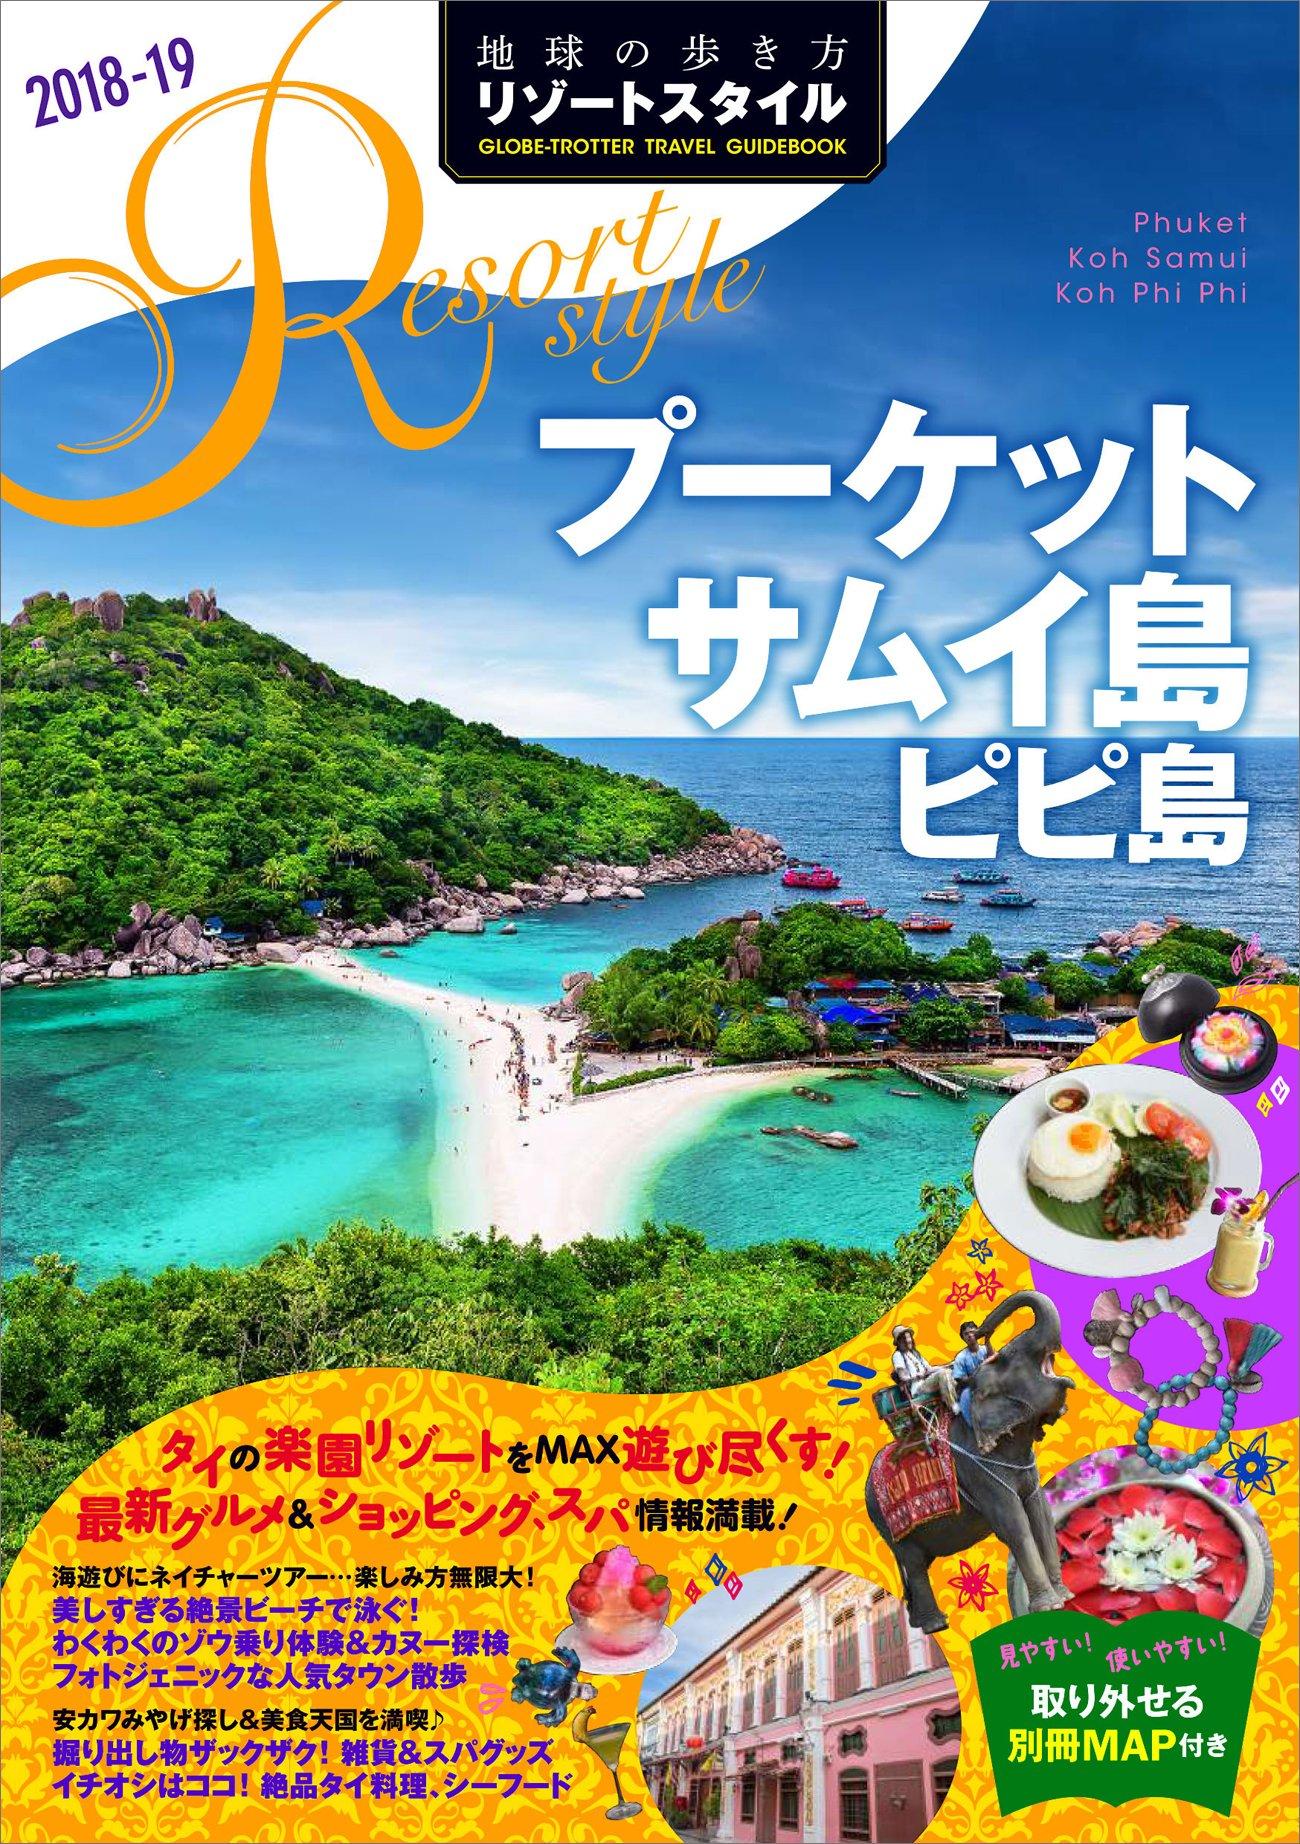 サムイ島ガイドブック 2018-2019年版本日発売‐地球の歩き方 Resort Style プーケット サムイ島 ピピ島